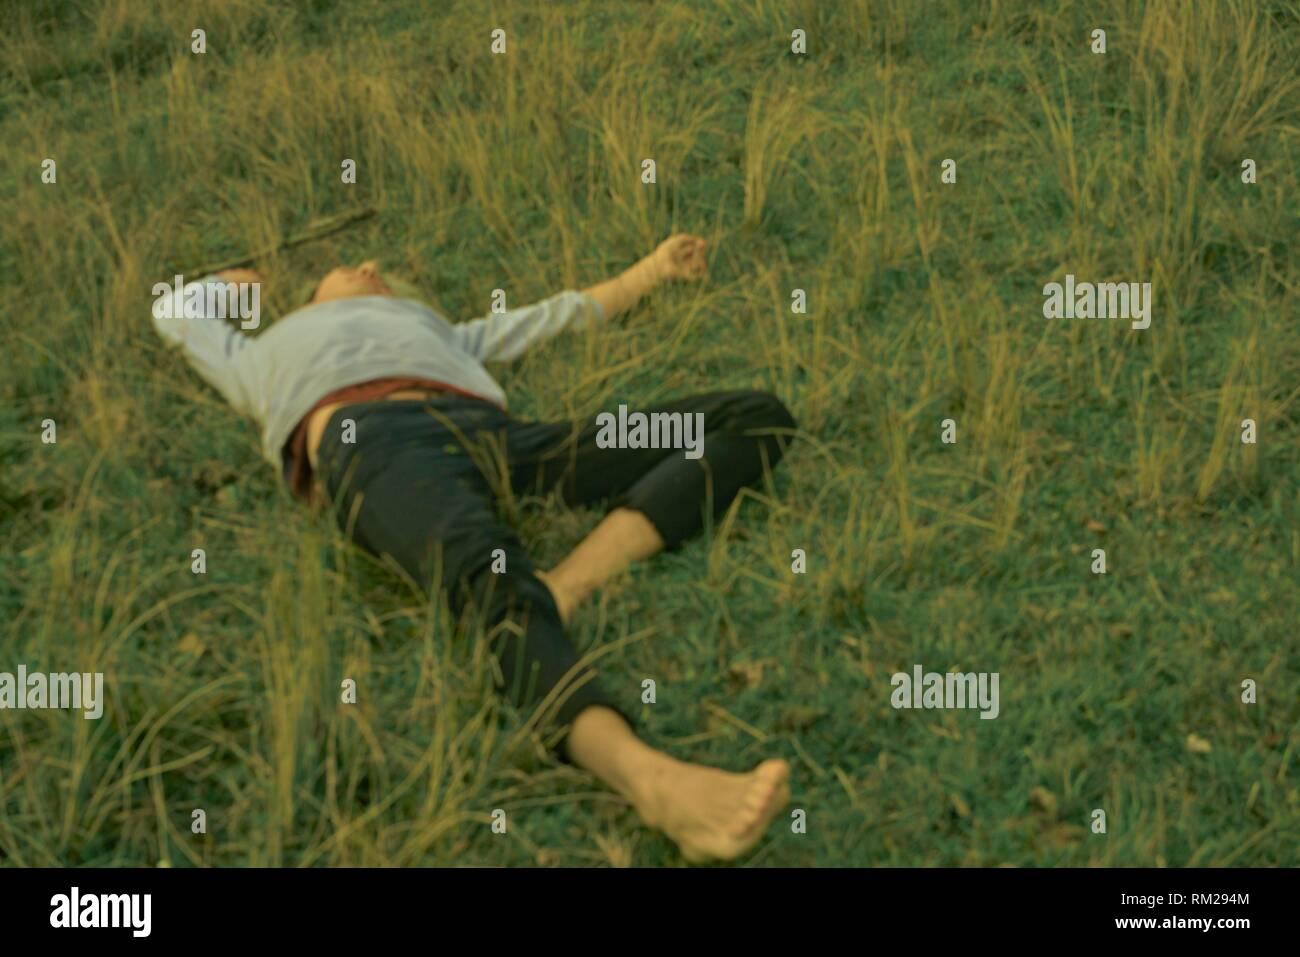 Jeune homme couché dans un pré, nature, nature, collage retour à la nature, perdu, le repos, l'exchausted, épuisement, relaxant, échapper à la vie quotidienne, s'échapper, Photo Stock